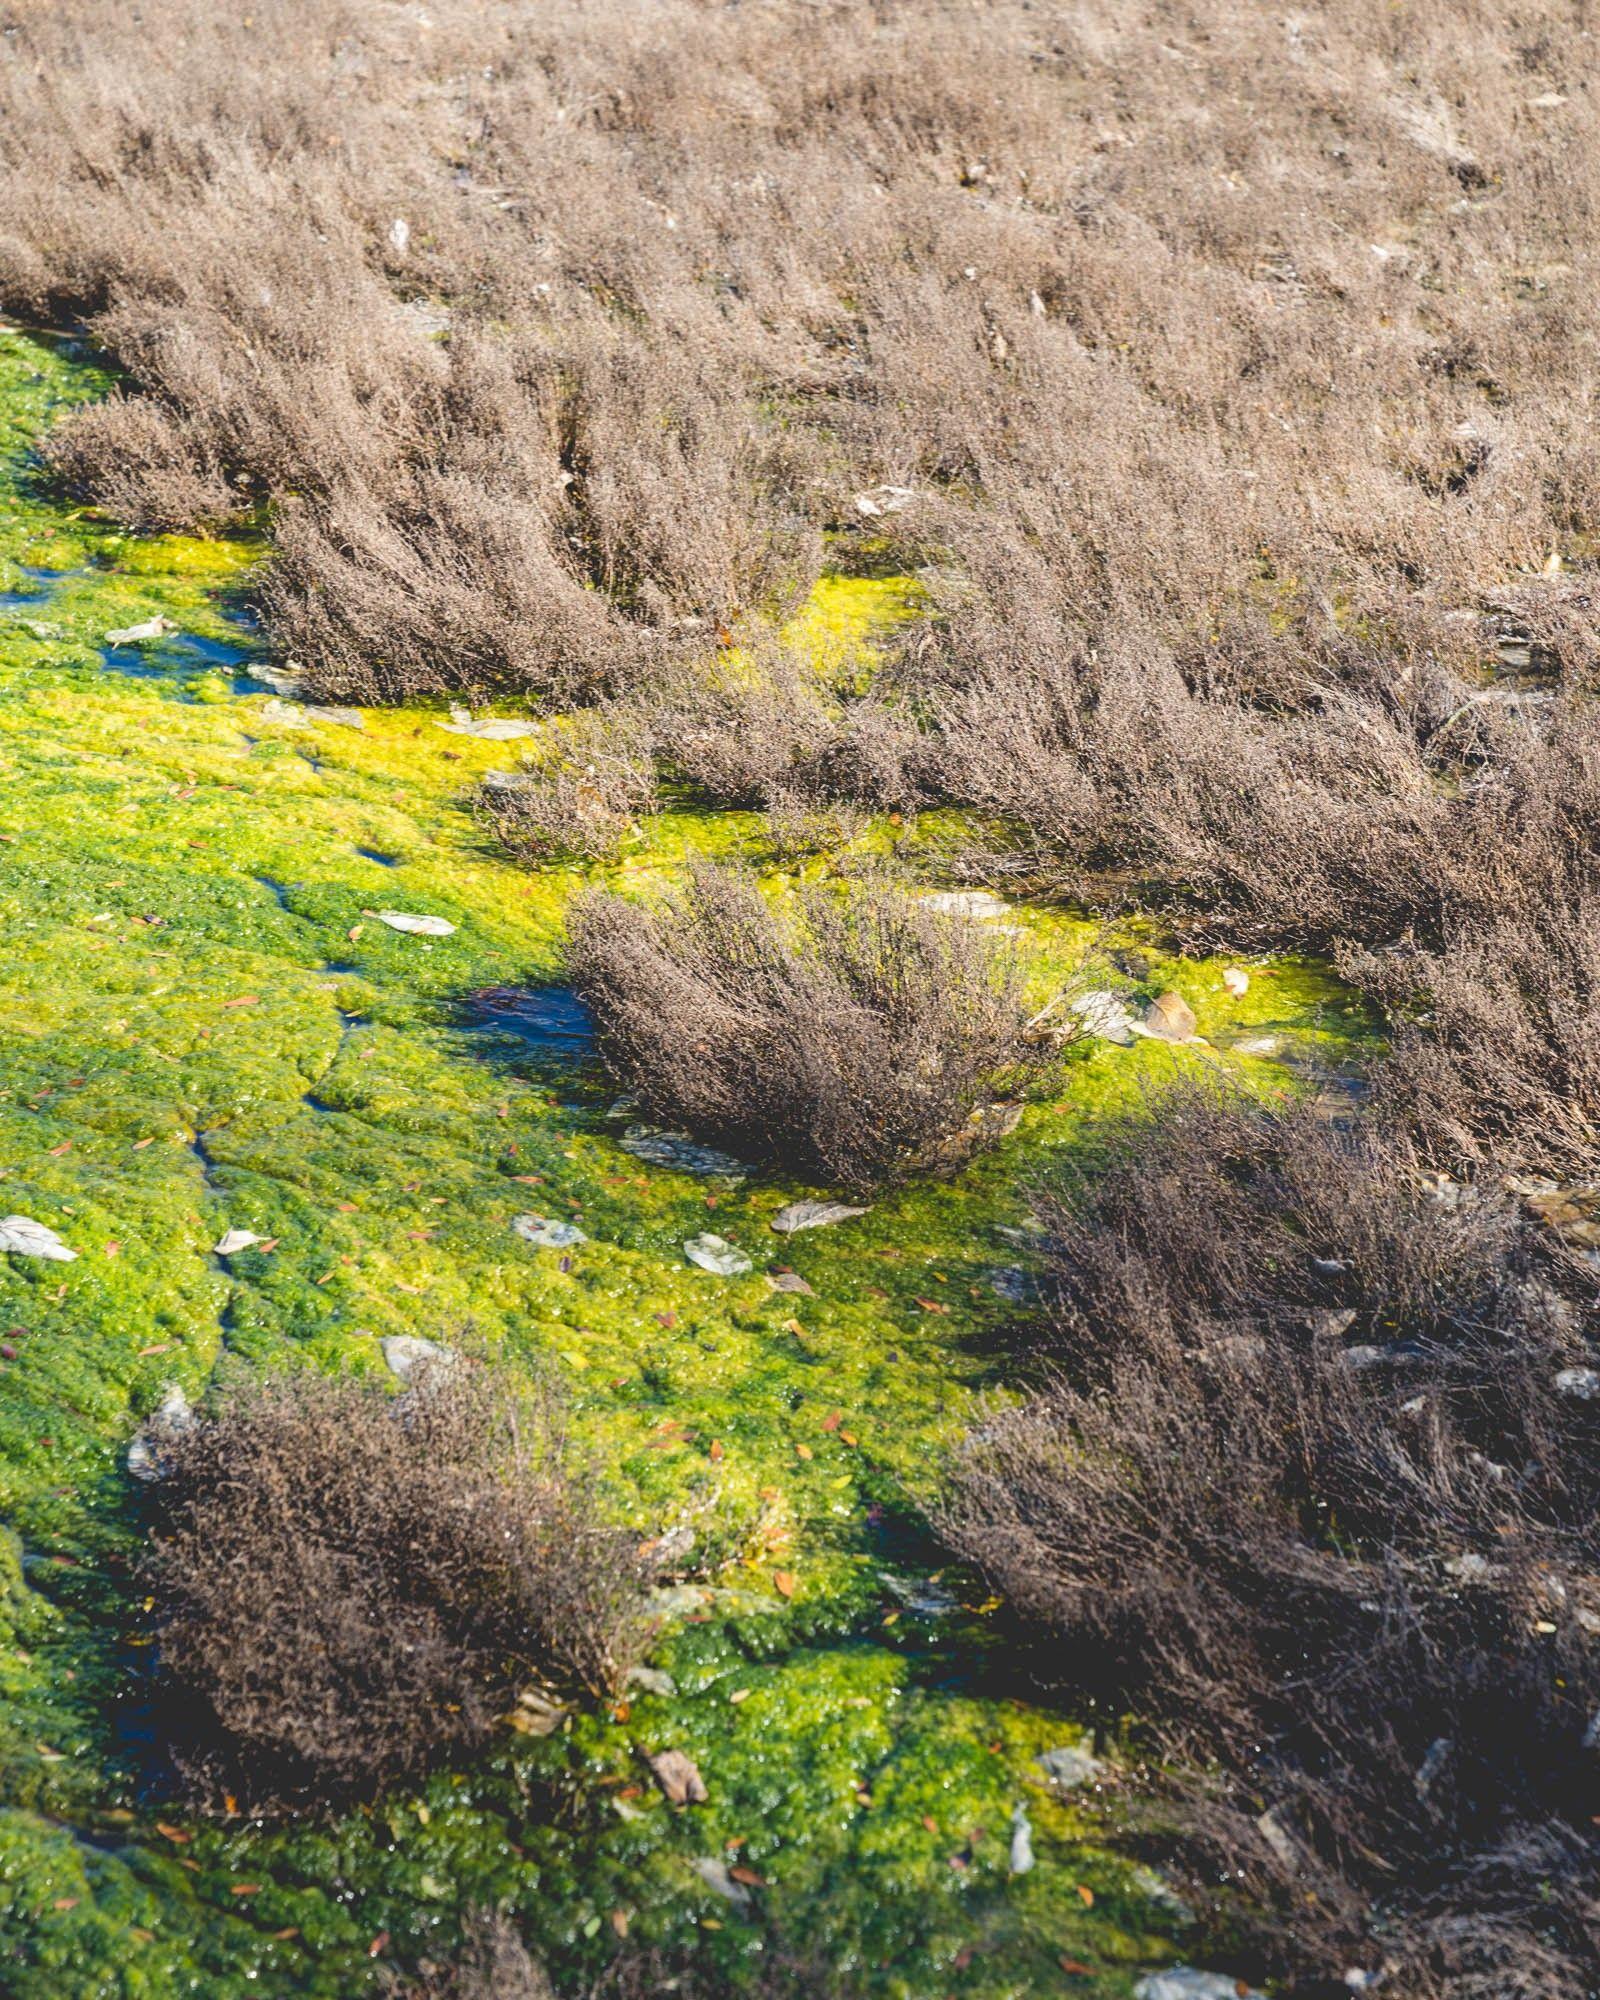 La beauté cachée des marais salés du Nebraska